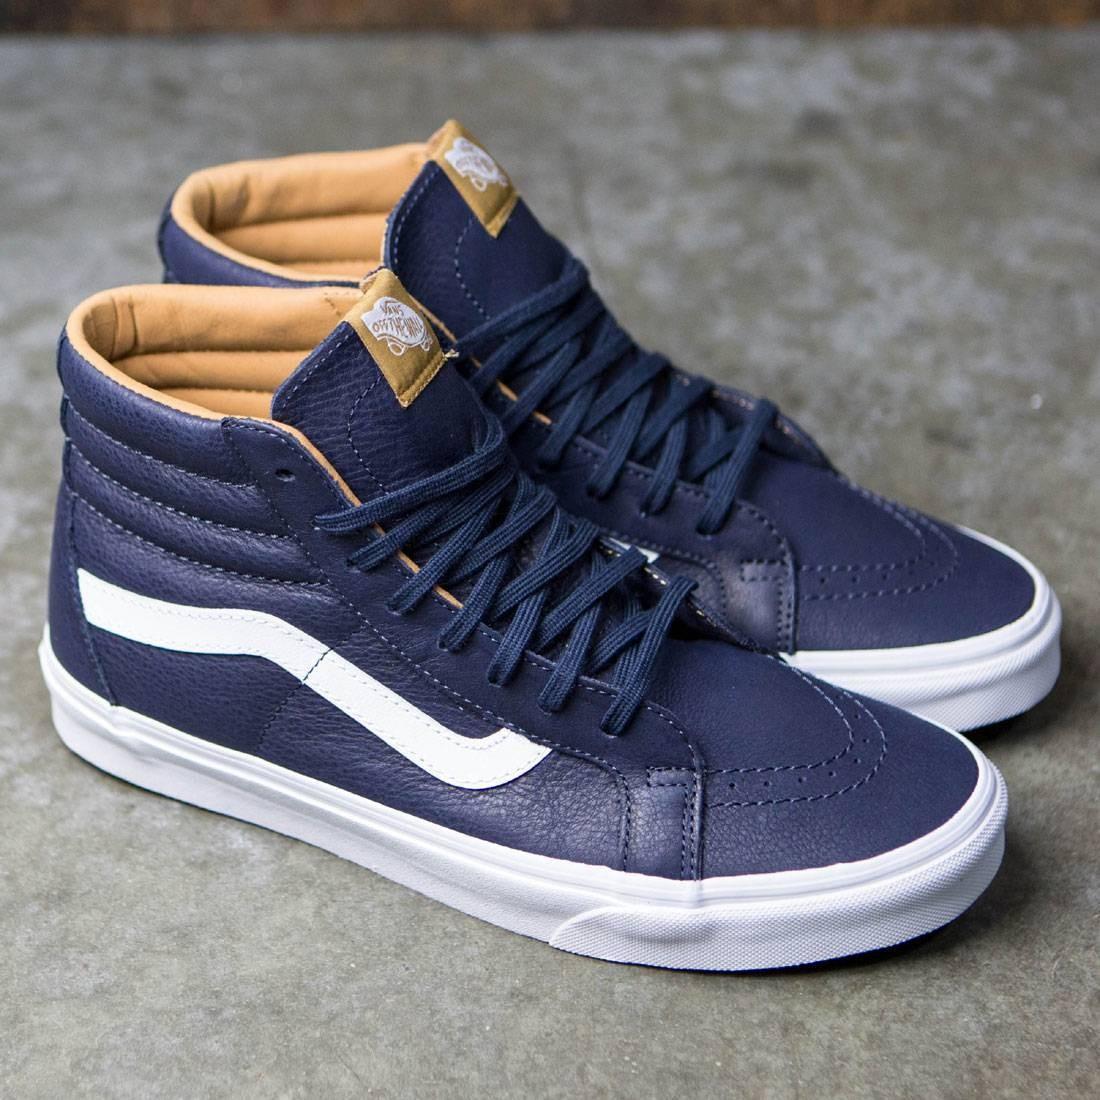 Vans Men Sk8-Hi Reissue - Premium Leather (blue   parisian night   true  white) 8326f6cba